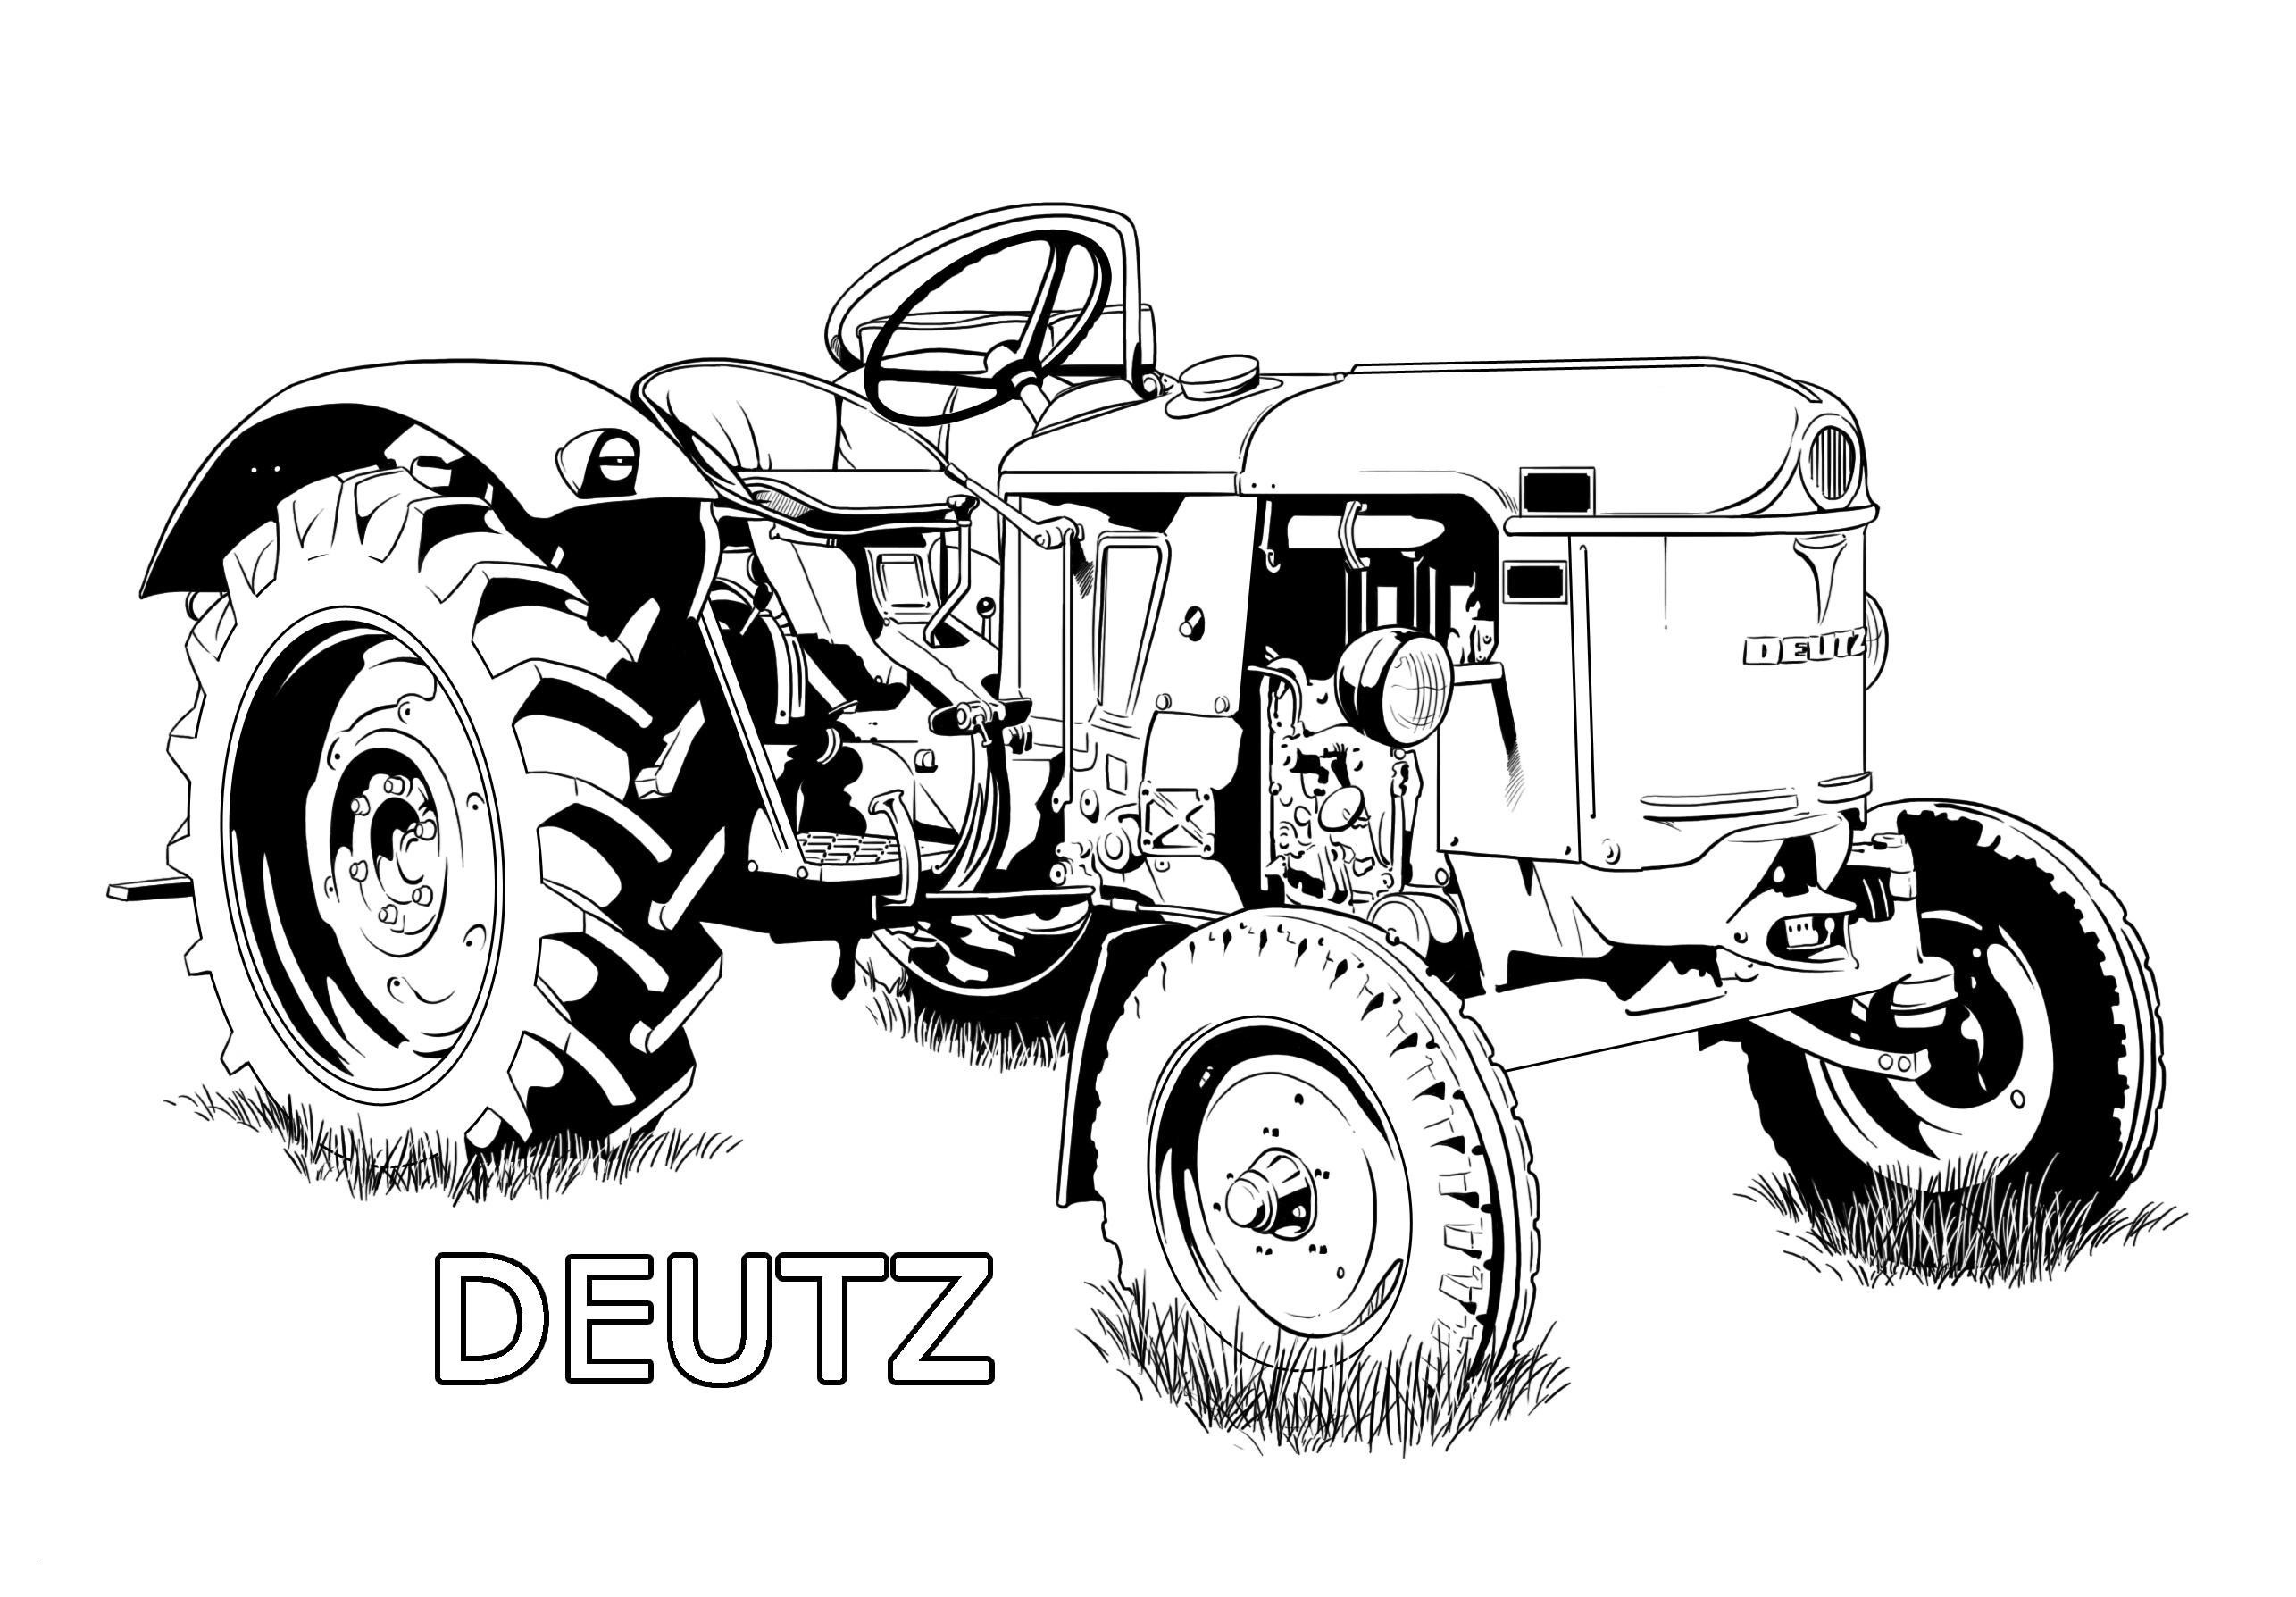 Traktor Zeichnungen Zum Ausmalen Inspirierend Bayern Ausmalbilder Schön Igel Grundschule 0d Archives Schön Traktor Fotografieren